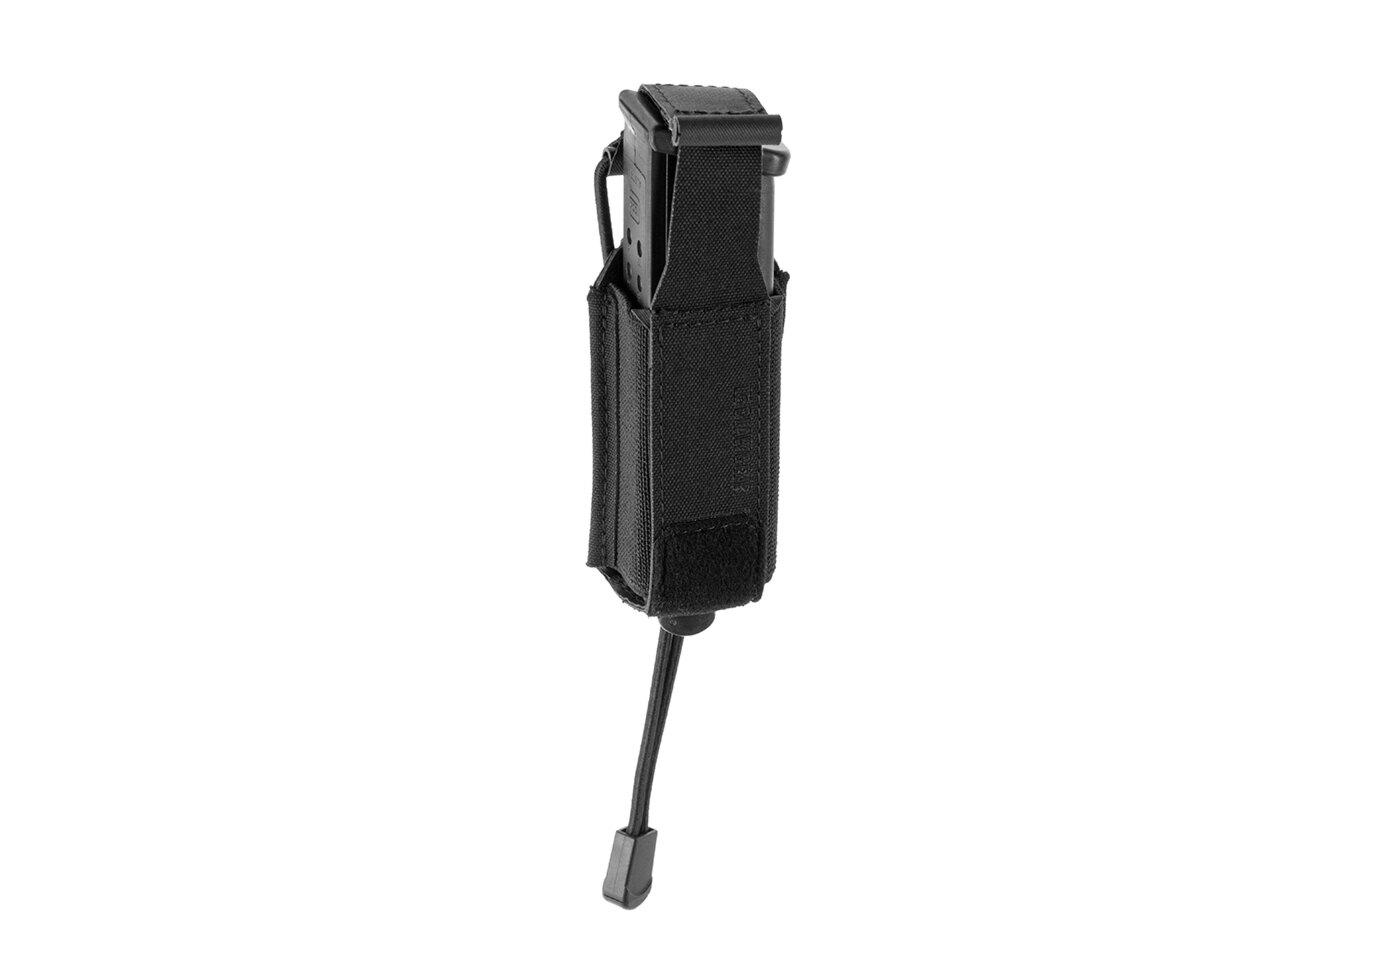 Puzdro na pištoľový zásobník 9 mm CLAWGEAR® - čierne (Farba: Čierna)